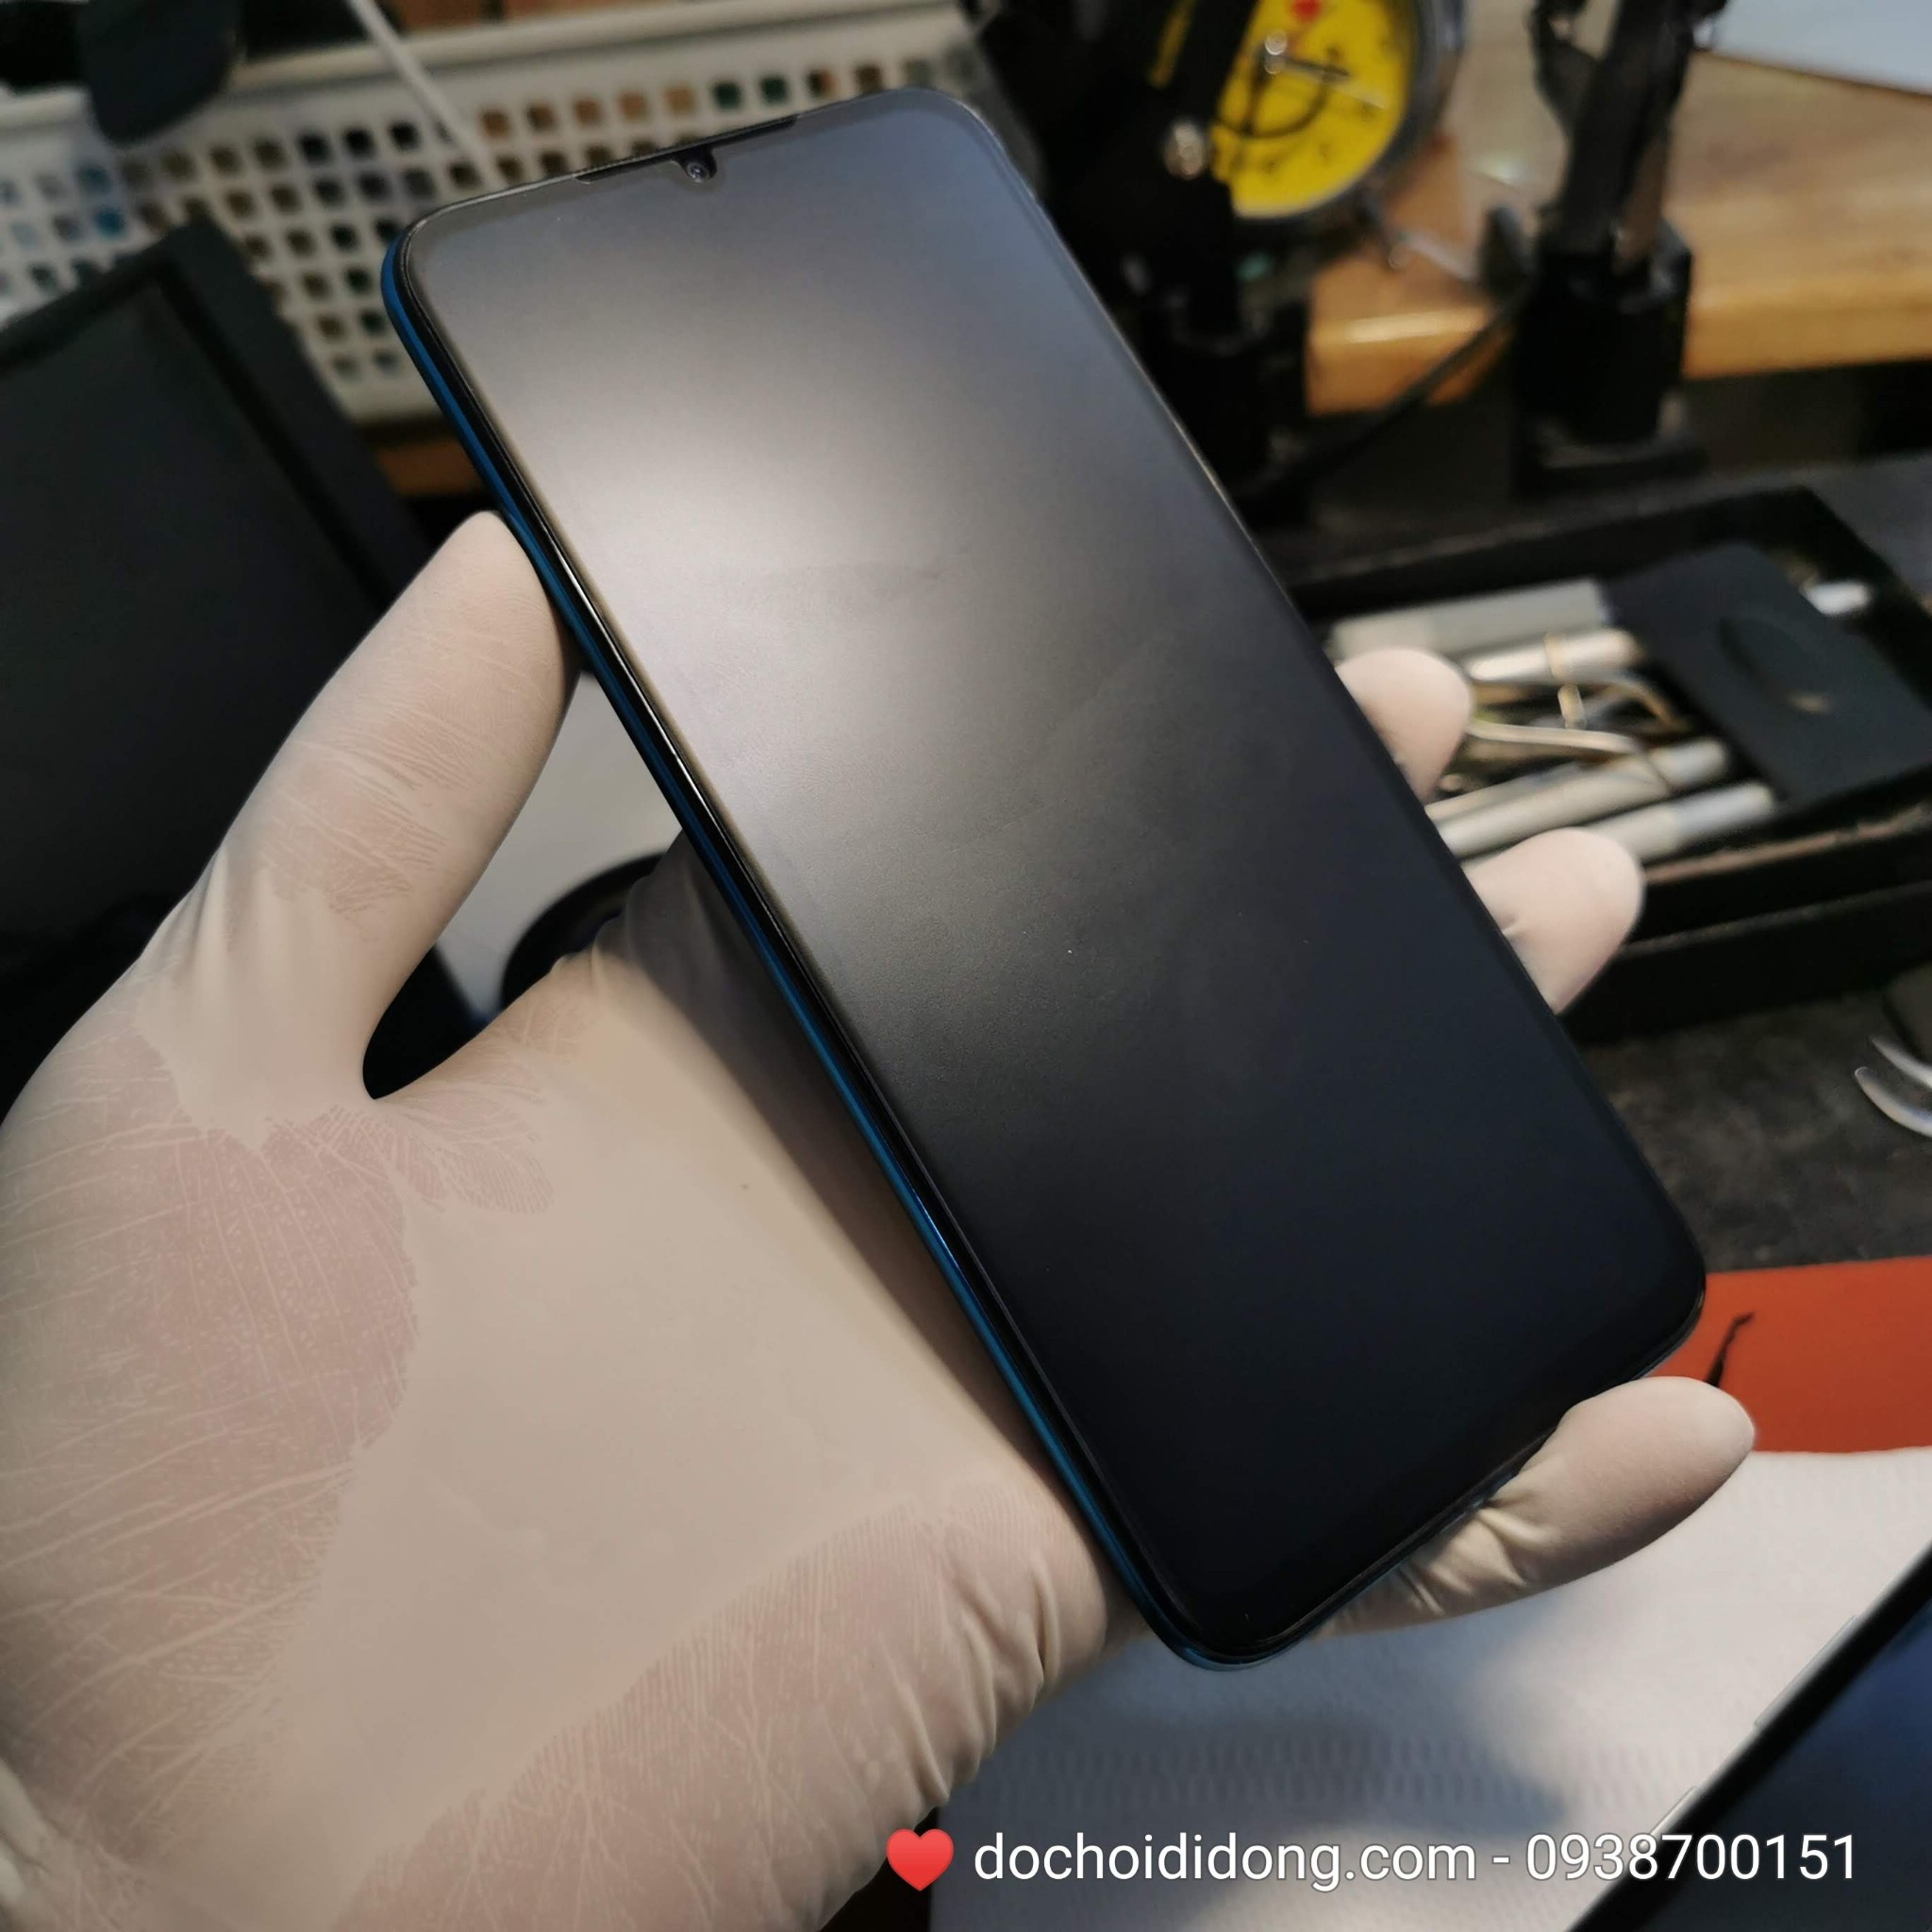 Miếng dán PPF Rock Xiaomi Redmi 10X 5G trong, nhám, đổi màu cao cấp